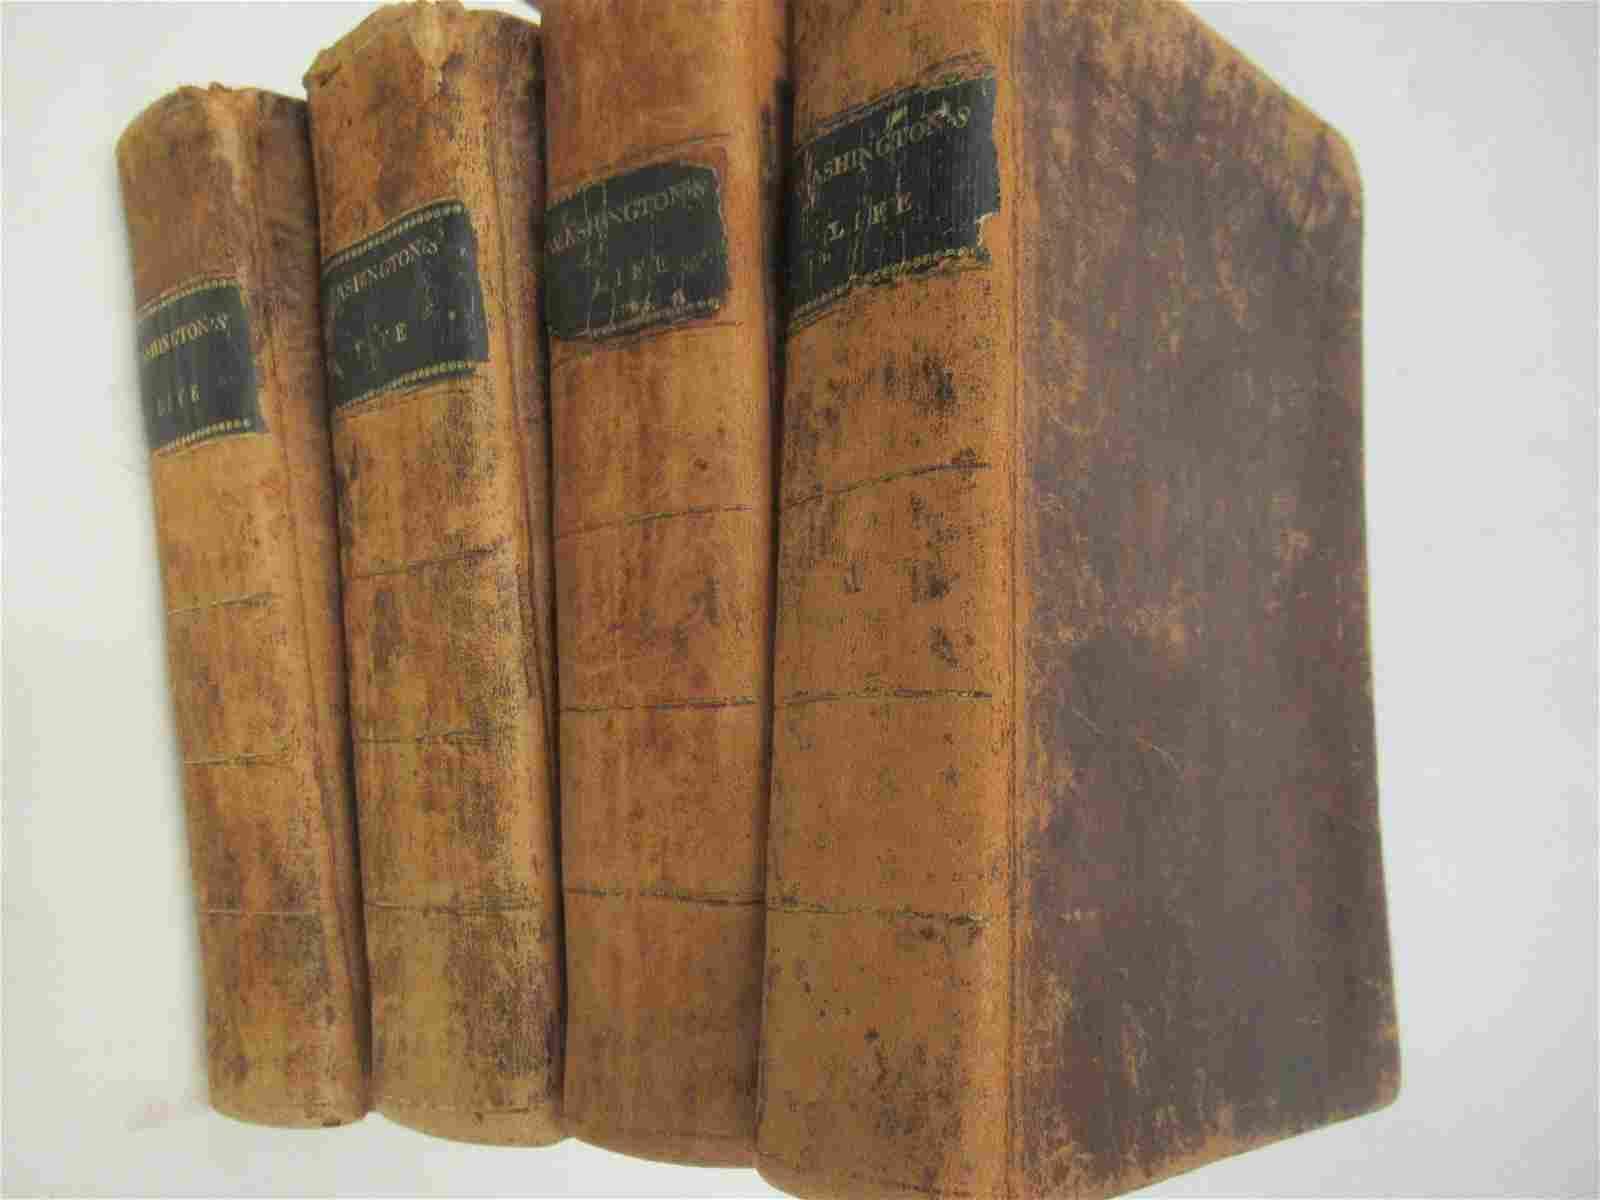 4 Volume Set The Life of George Washington 1st Ed